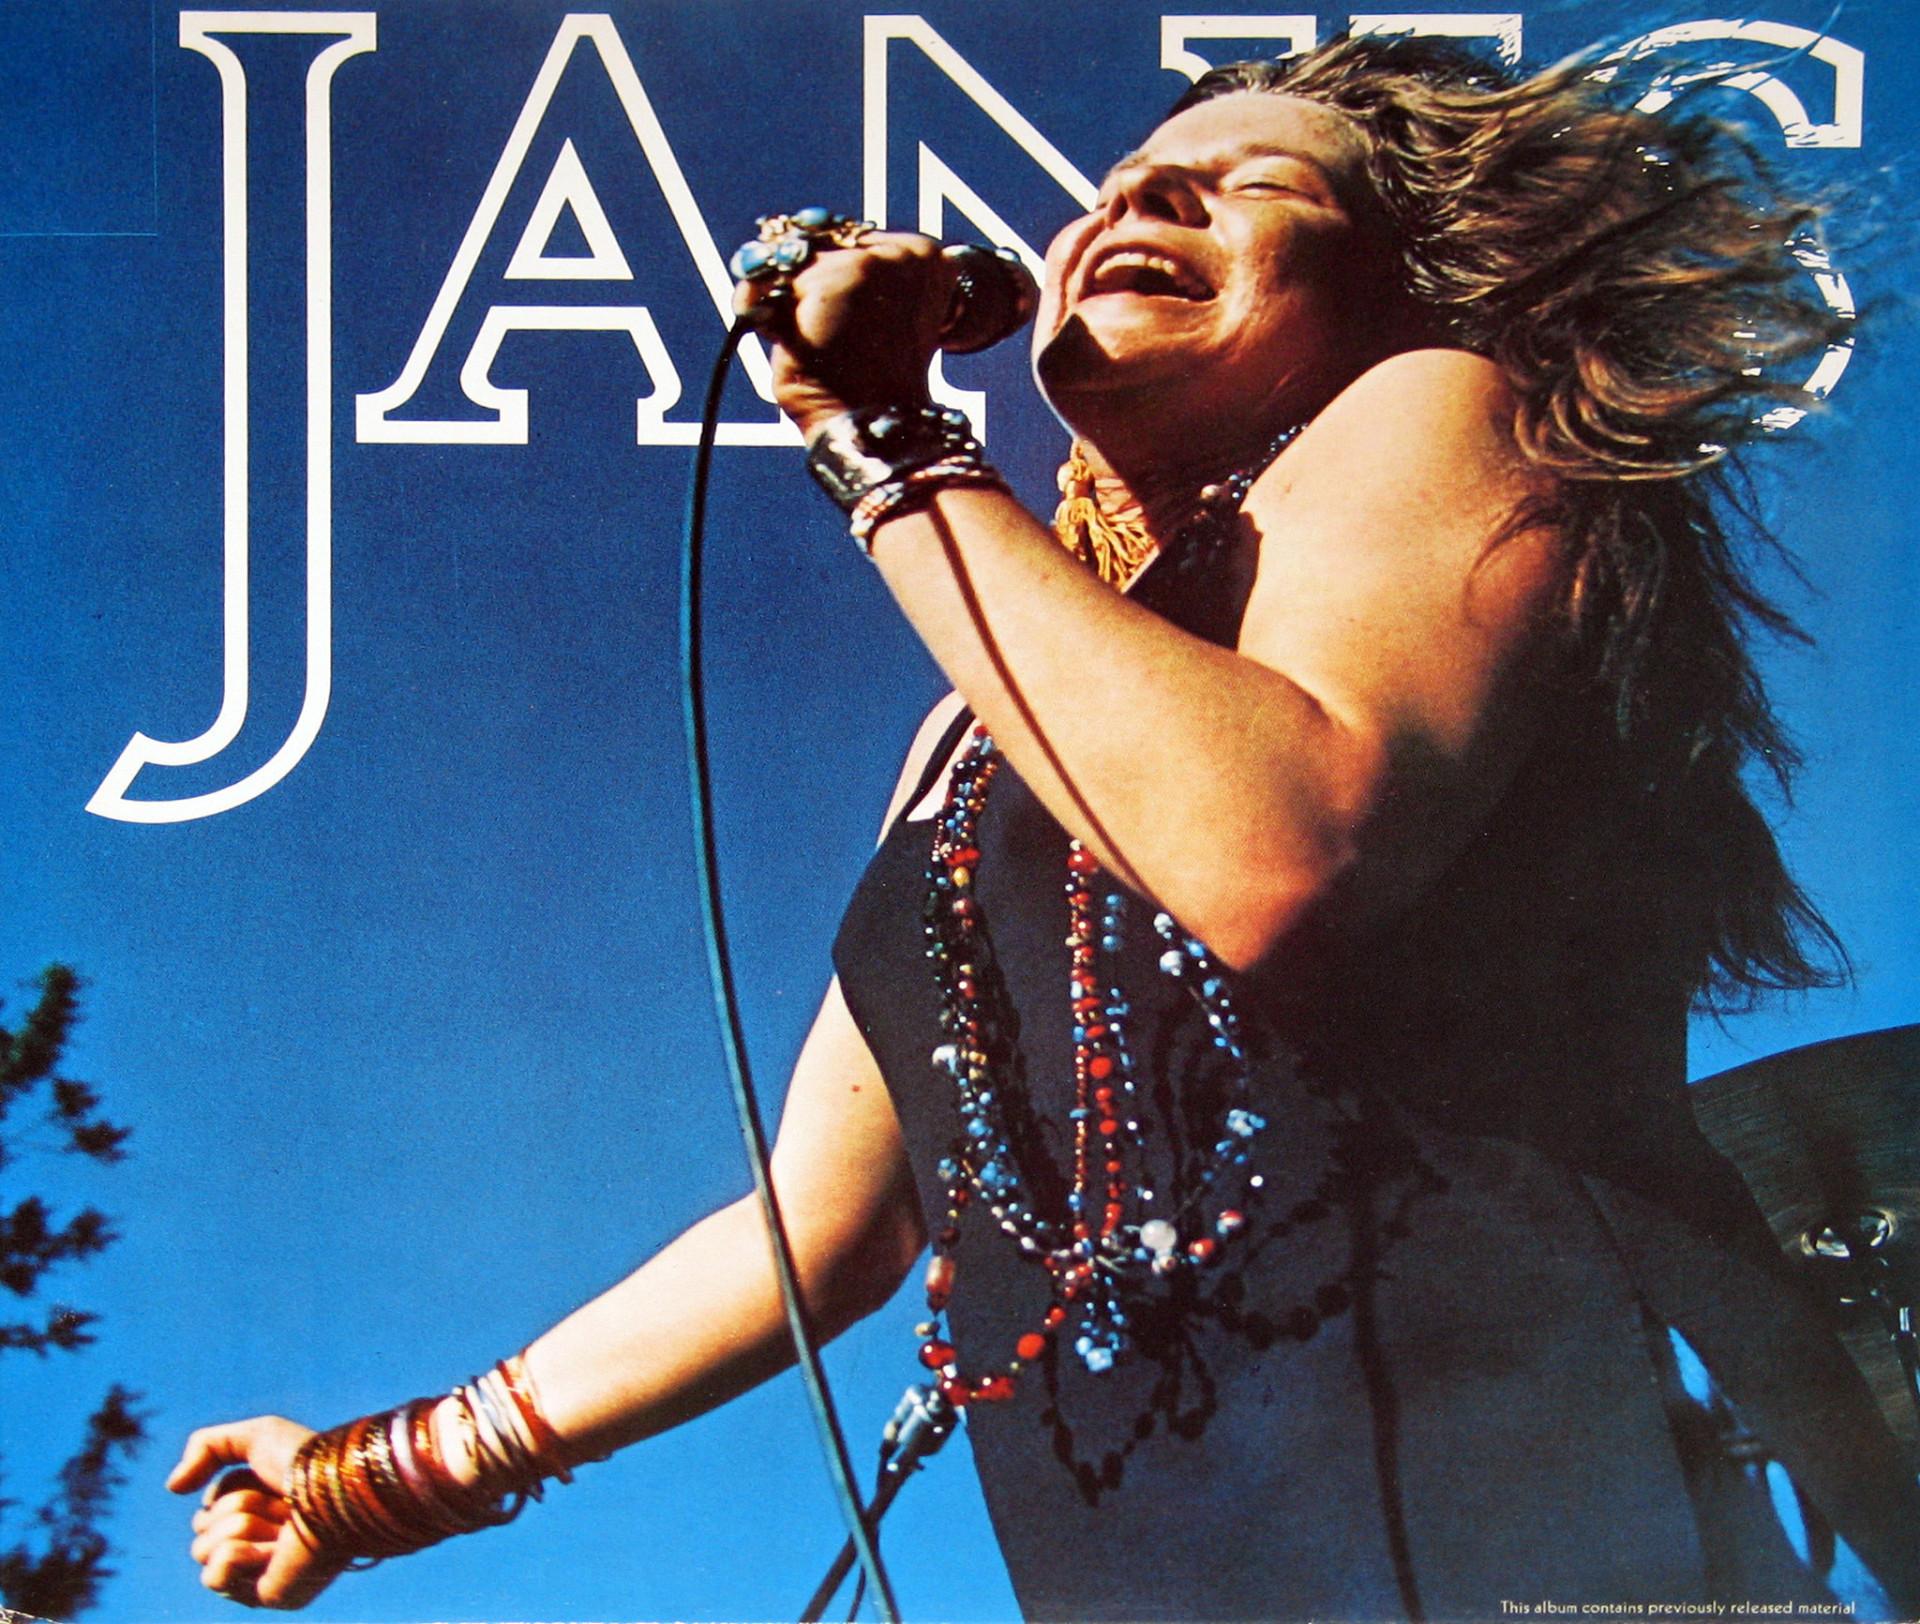 27 fatos que você precisa saber sobre Janis Joplin